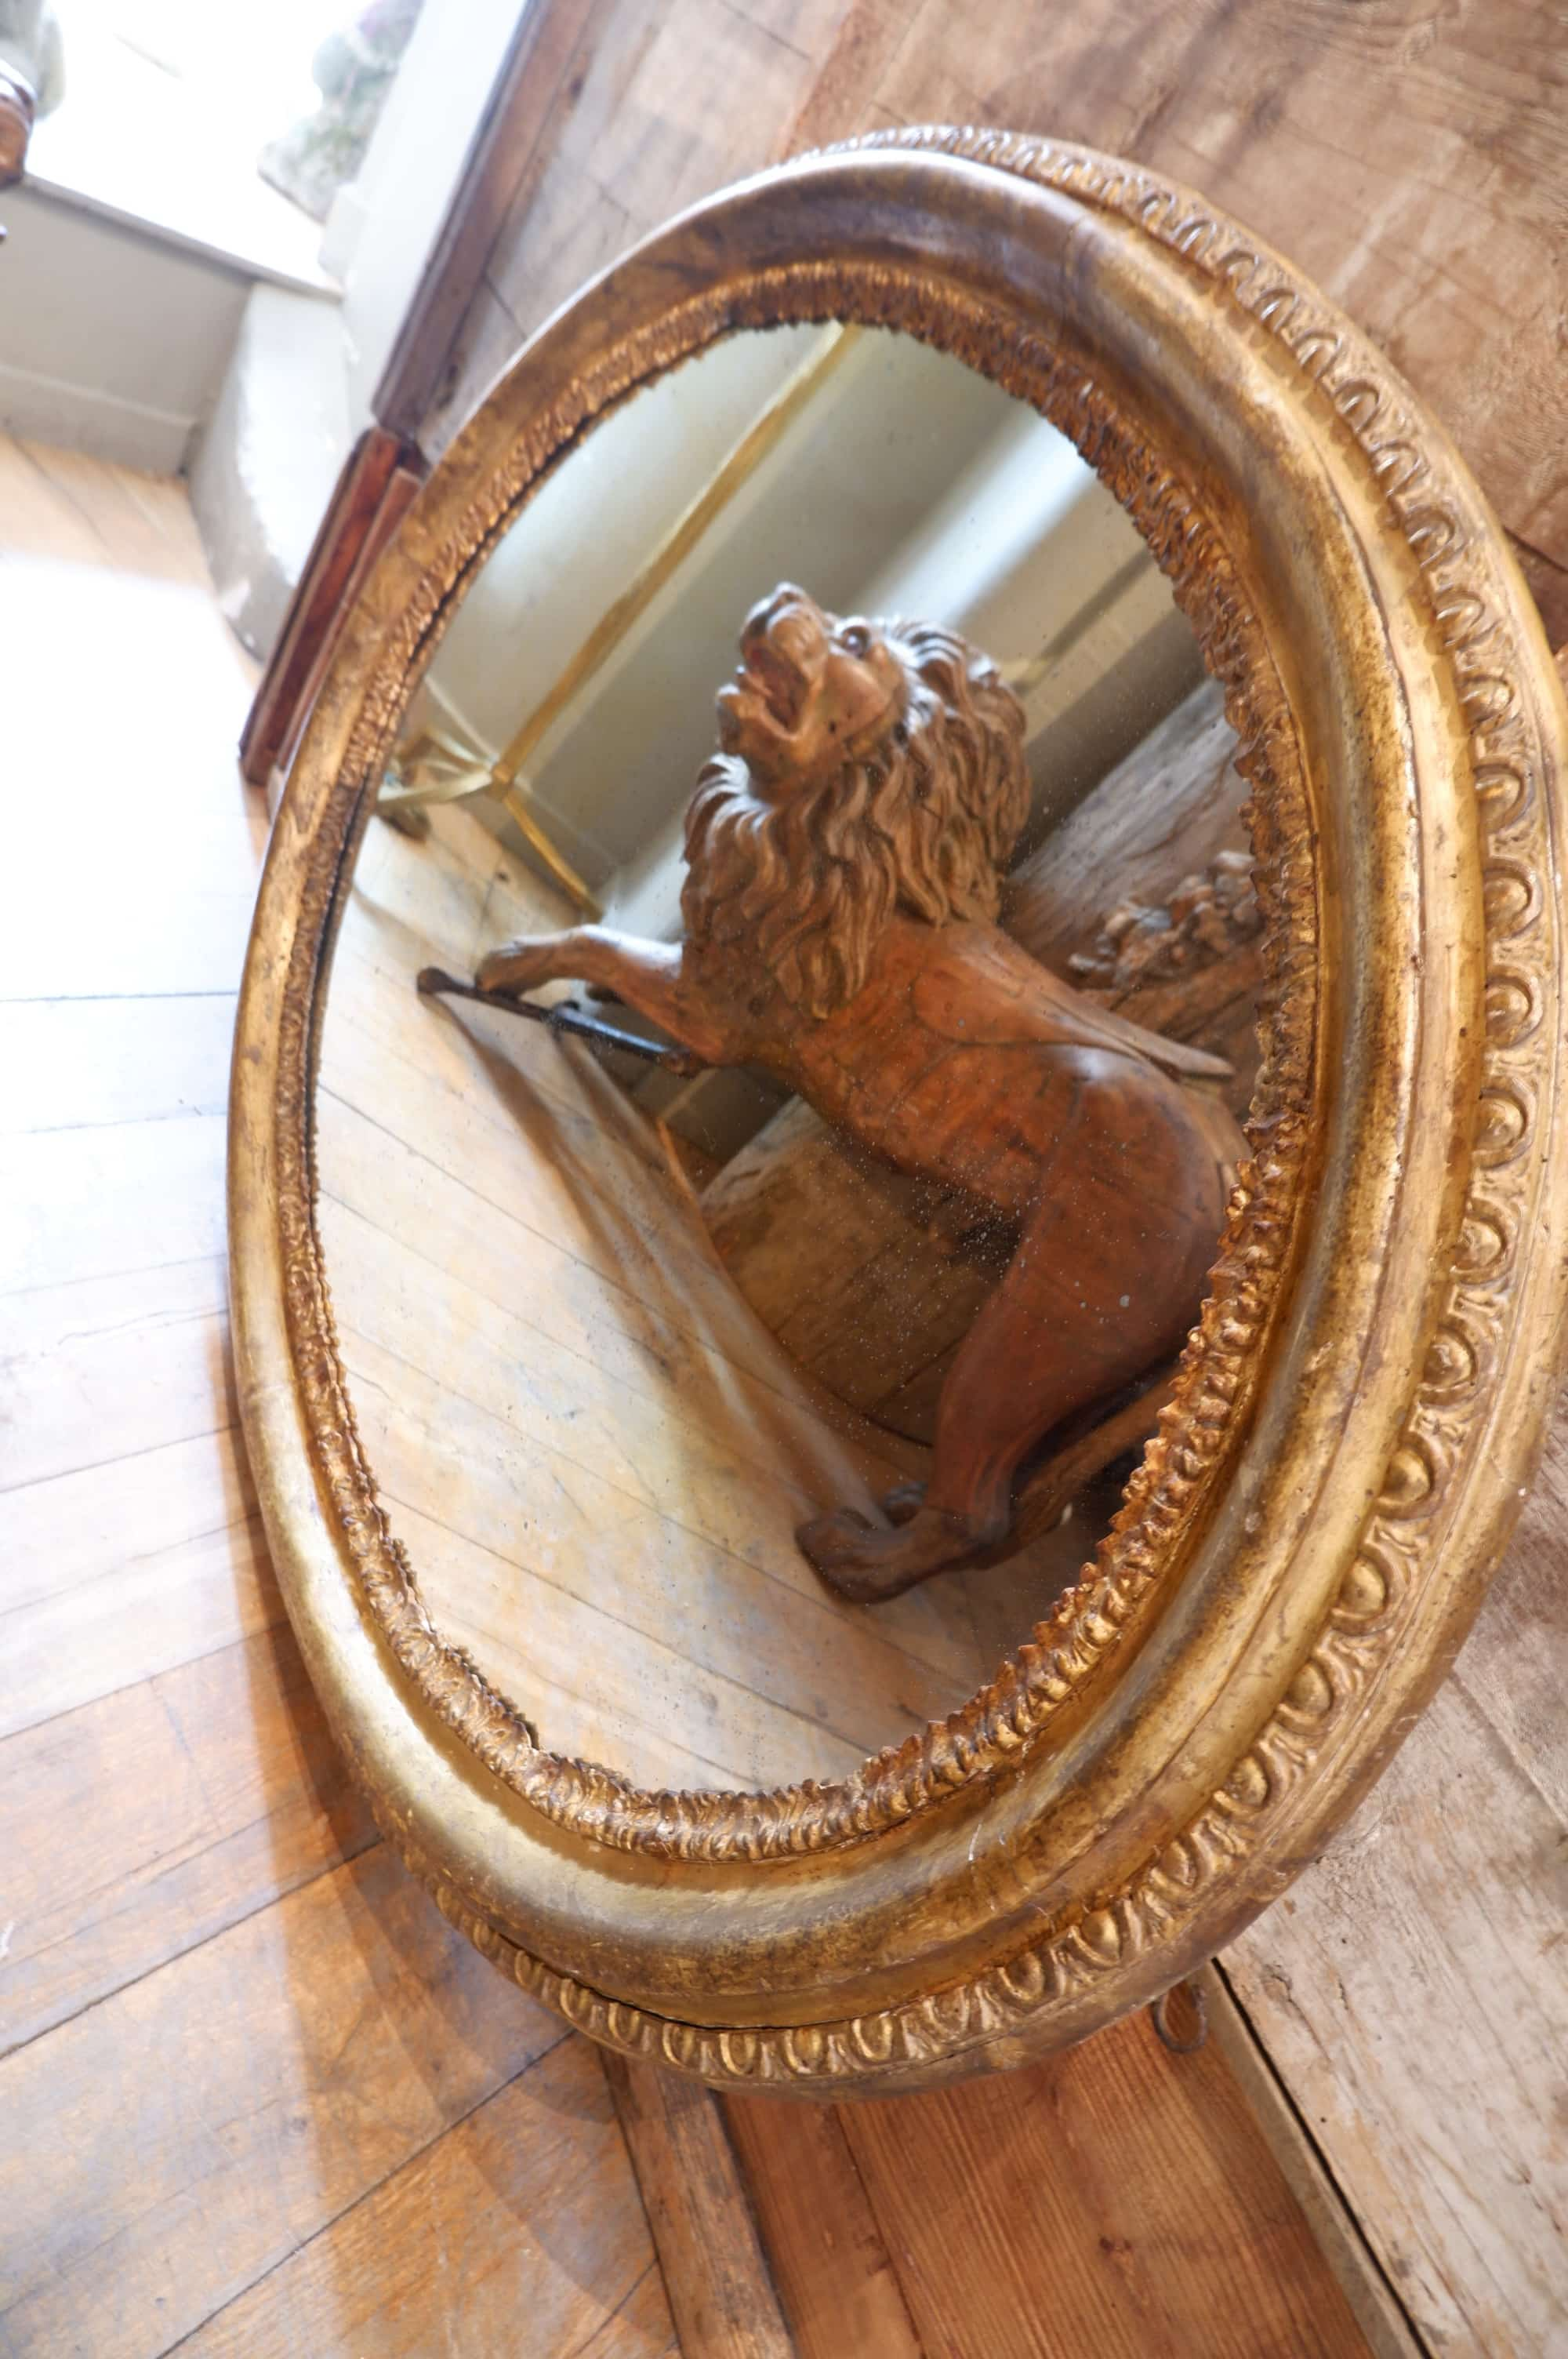 Trés grand miroir ovale cadre en bois dore milieuXIXE